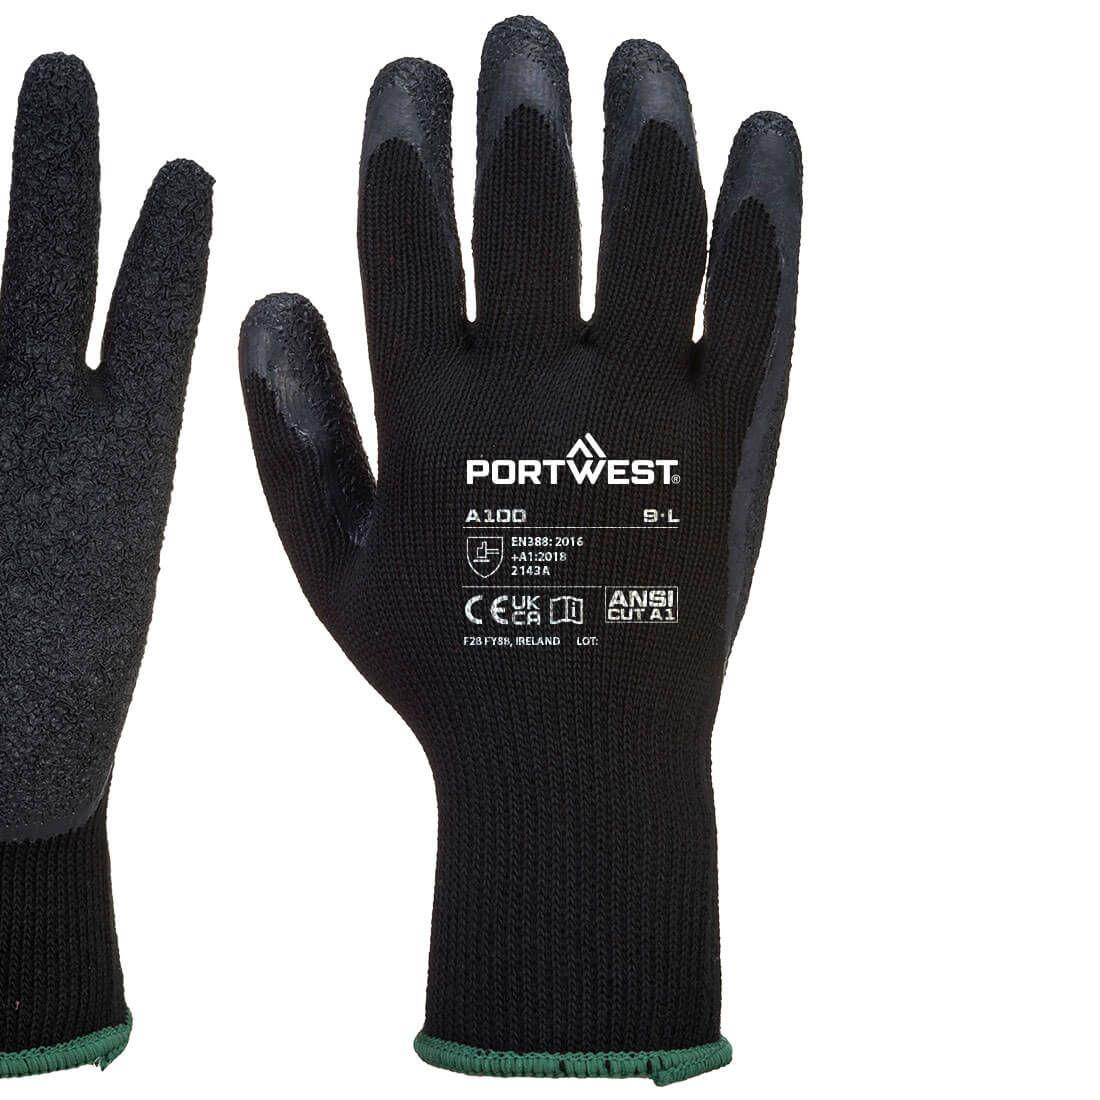 Portwest Handschoenen A100 zwart(K8)